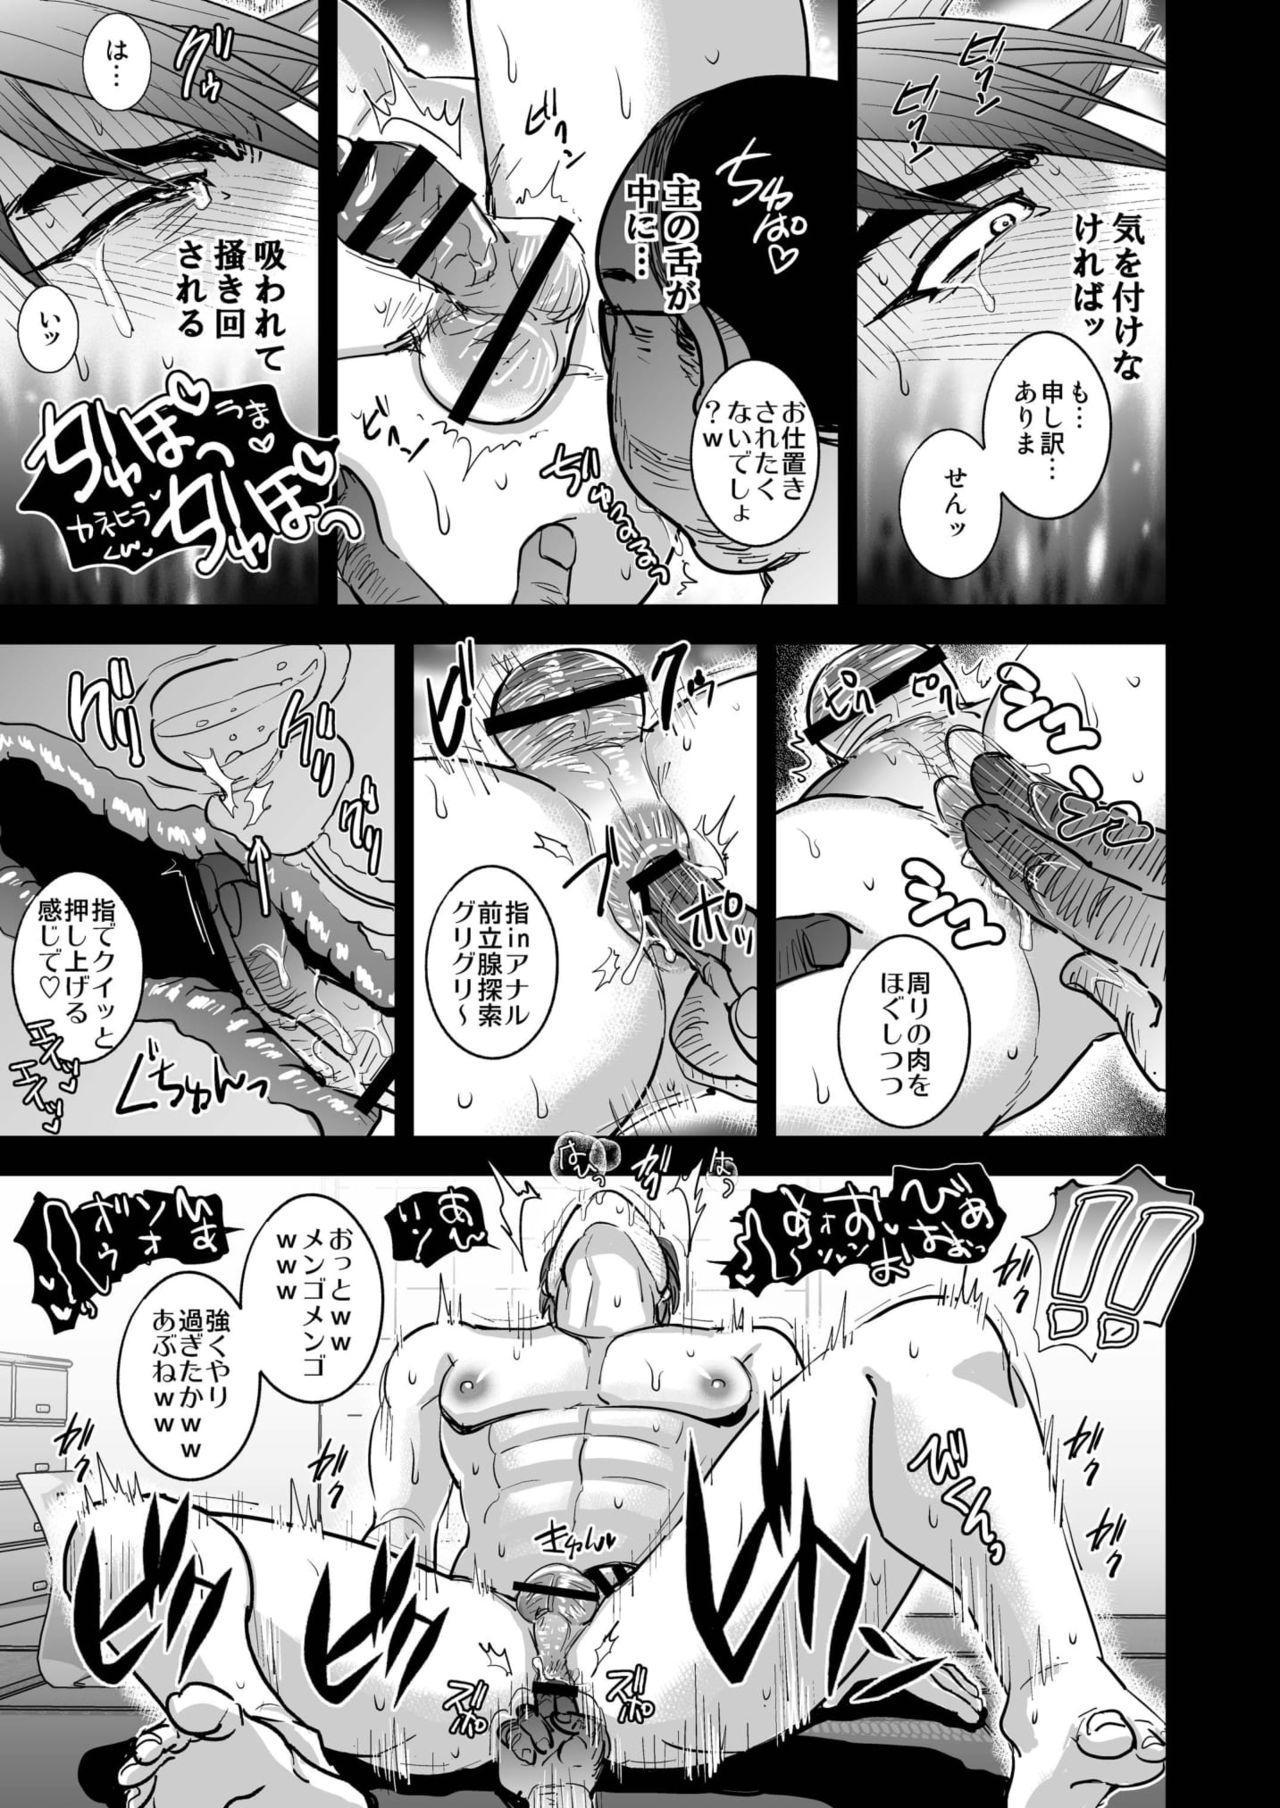 Non-stop Ryoujoku SEX Meibutsu Ookanehira, Kyokusei no Sho 10